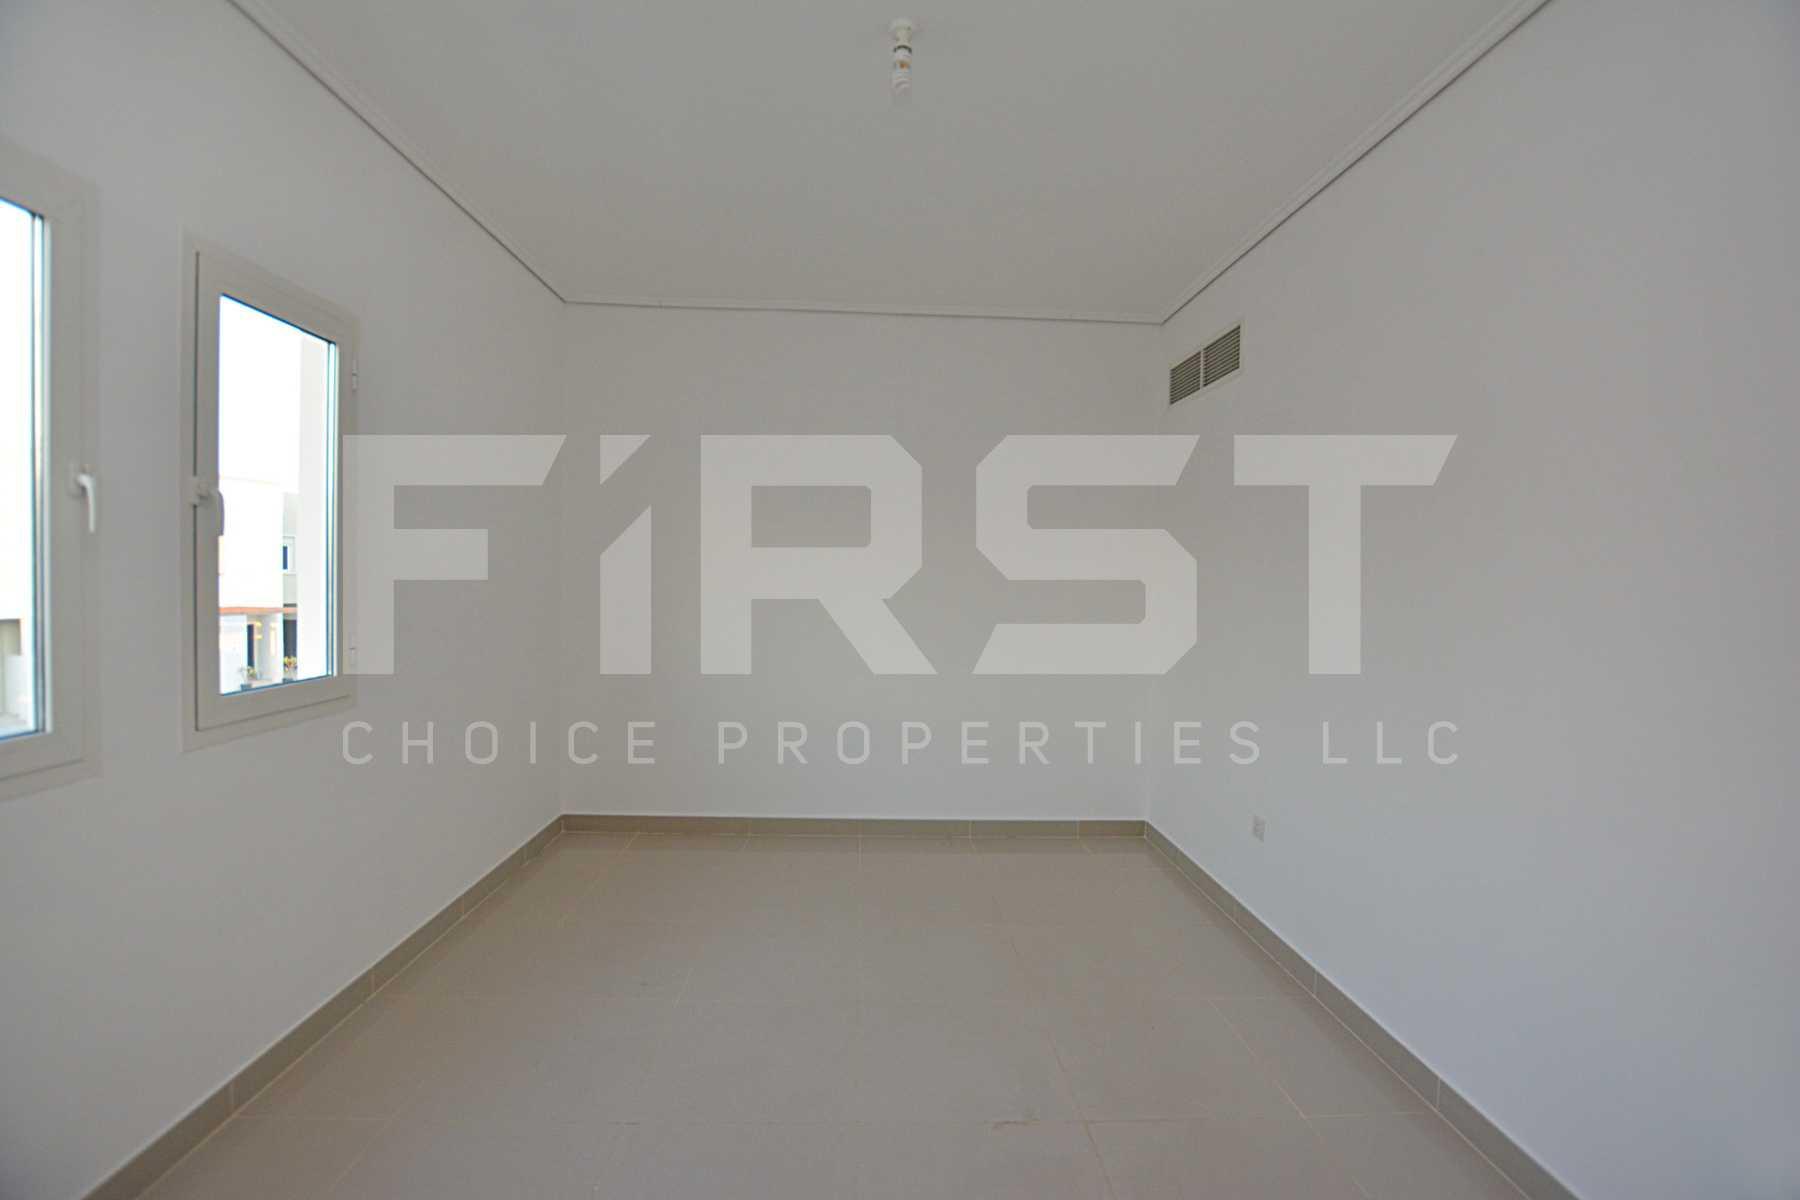 Internal Photo of 5 Bedroom Villa in Al Reef Villas 348.3 sq.m 3749 sq.ft (110).jpg